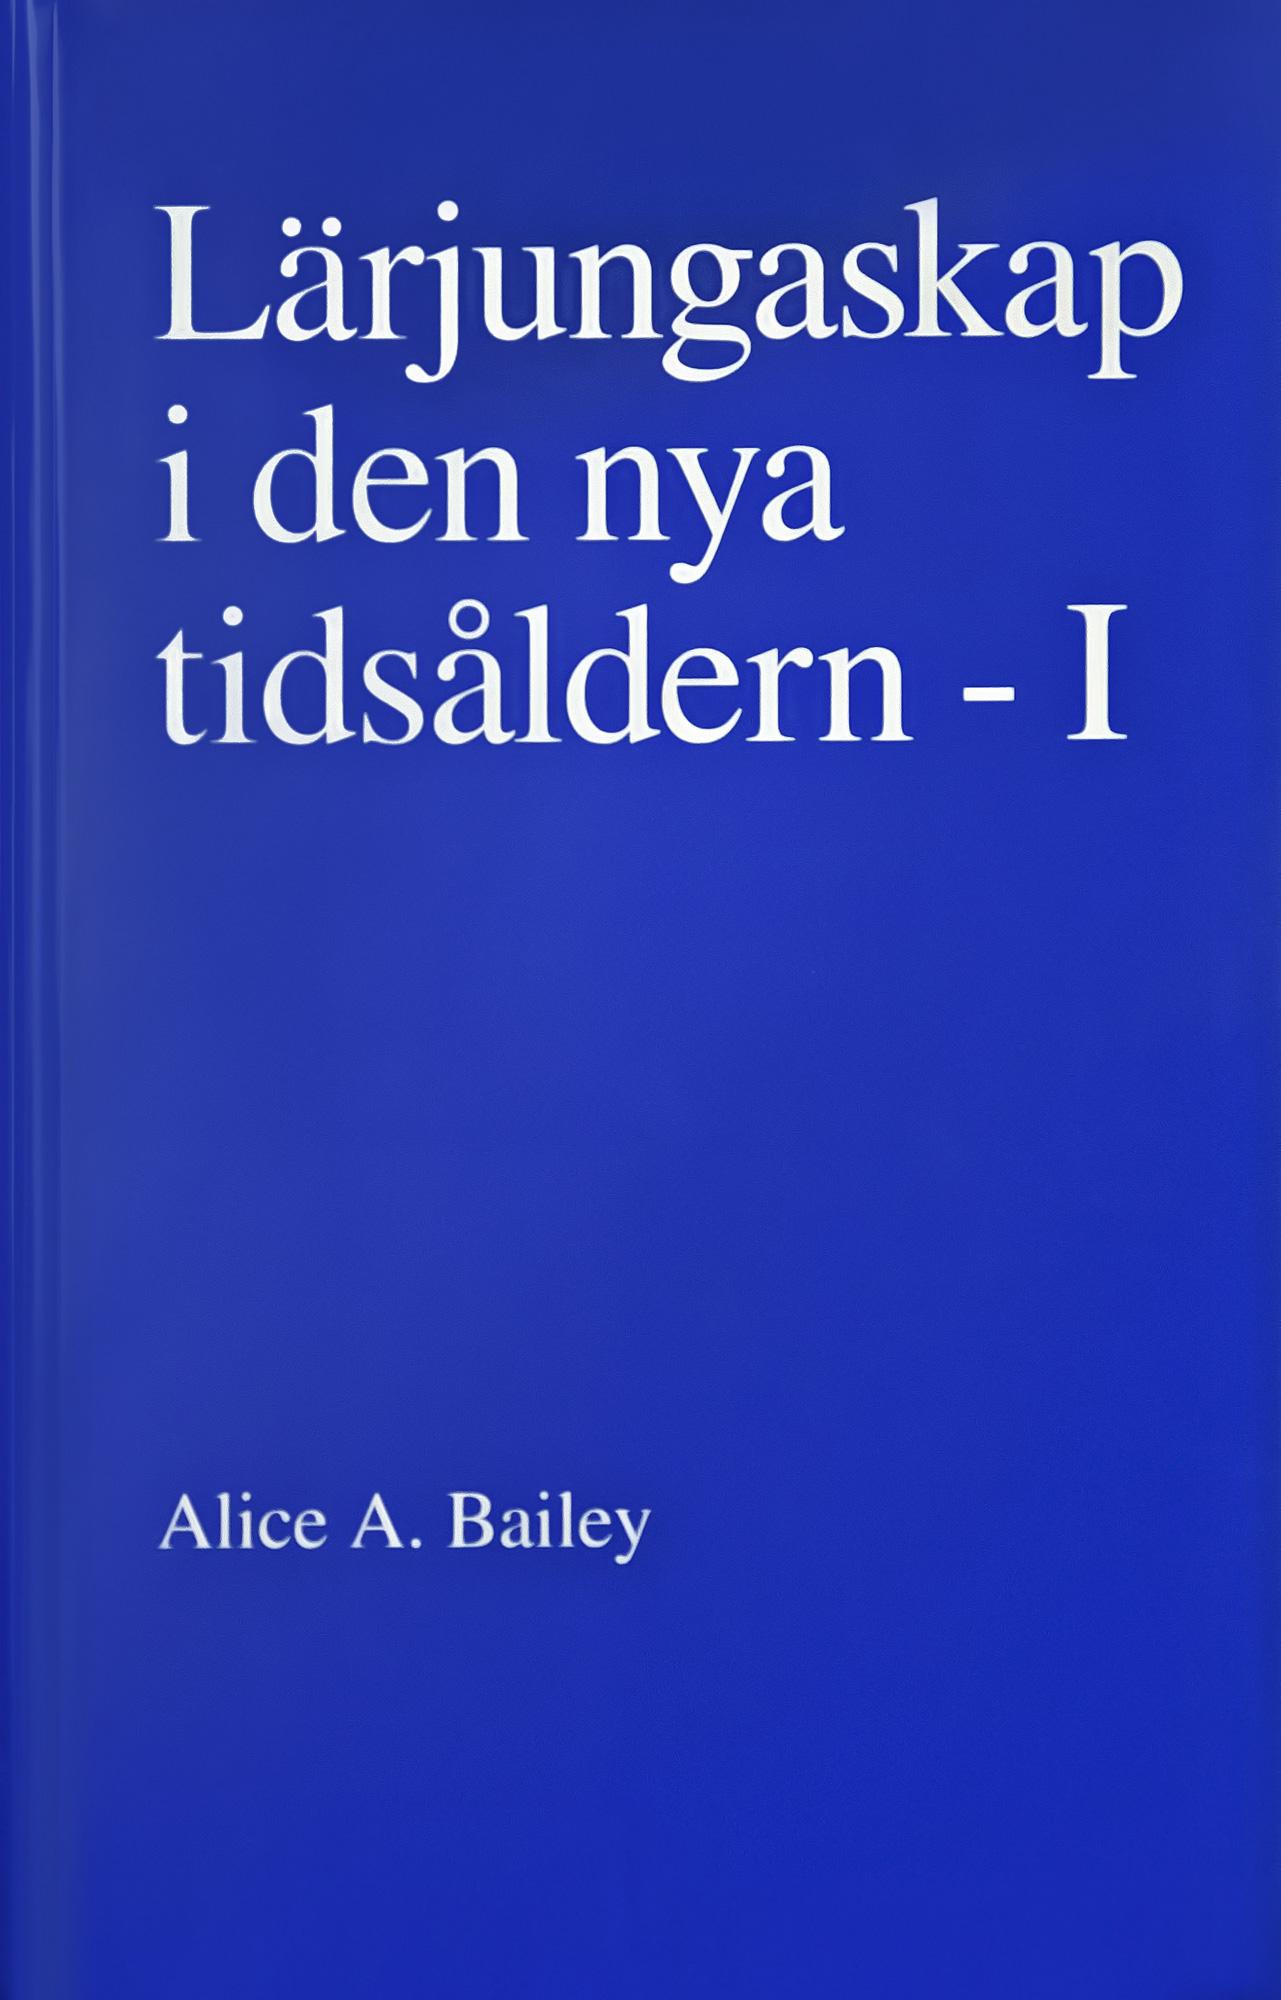 Lärjungaskap i den nya tidsåldern - I av Alice A Bailey